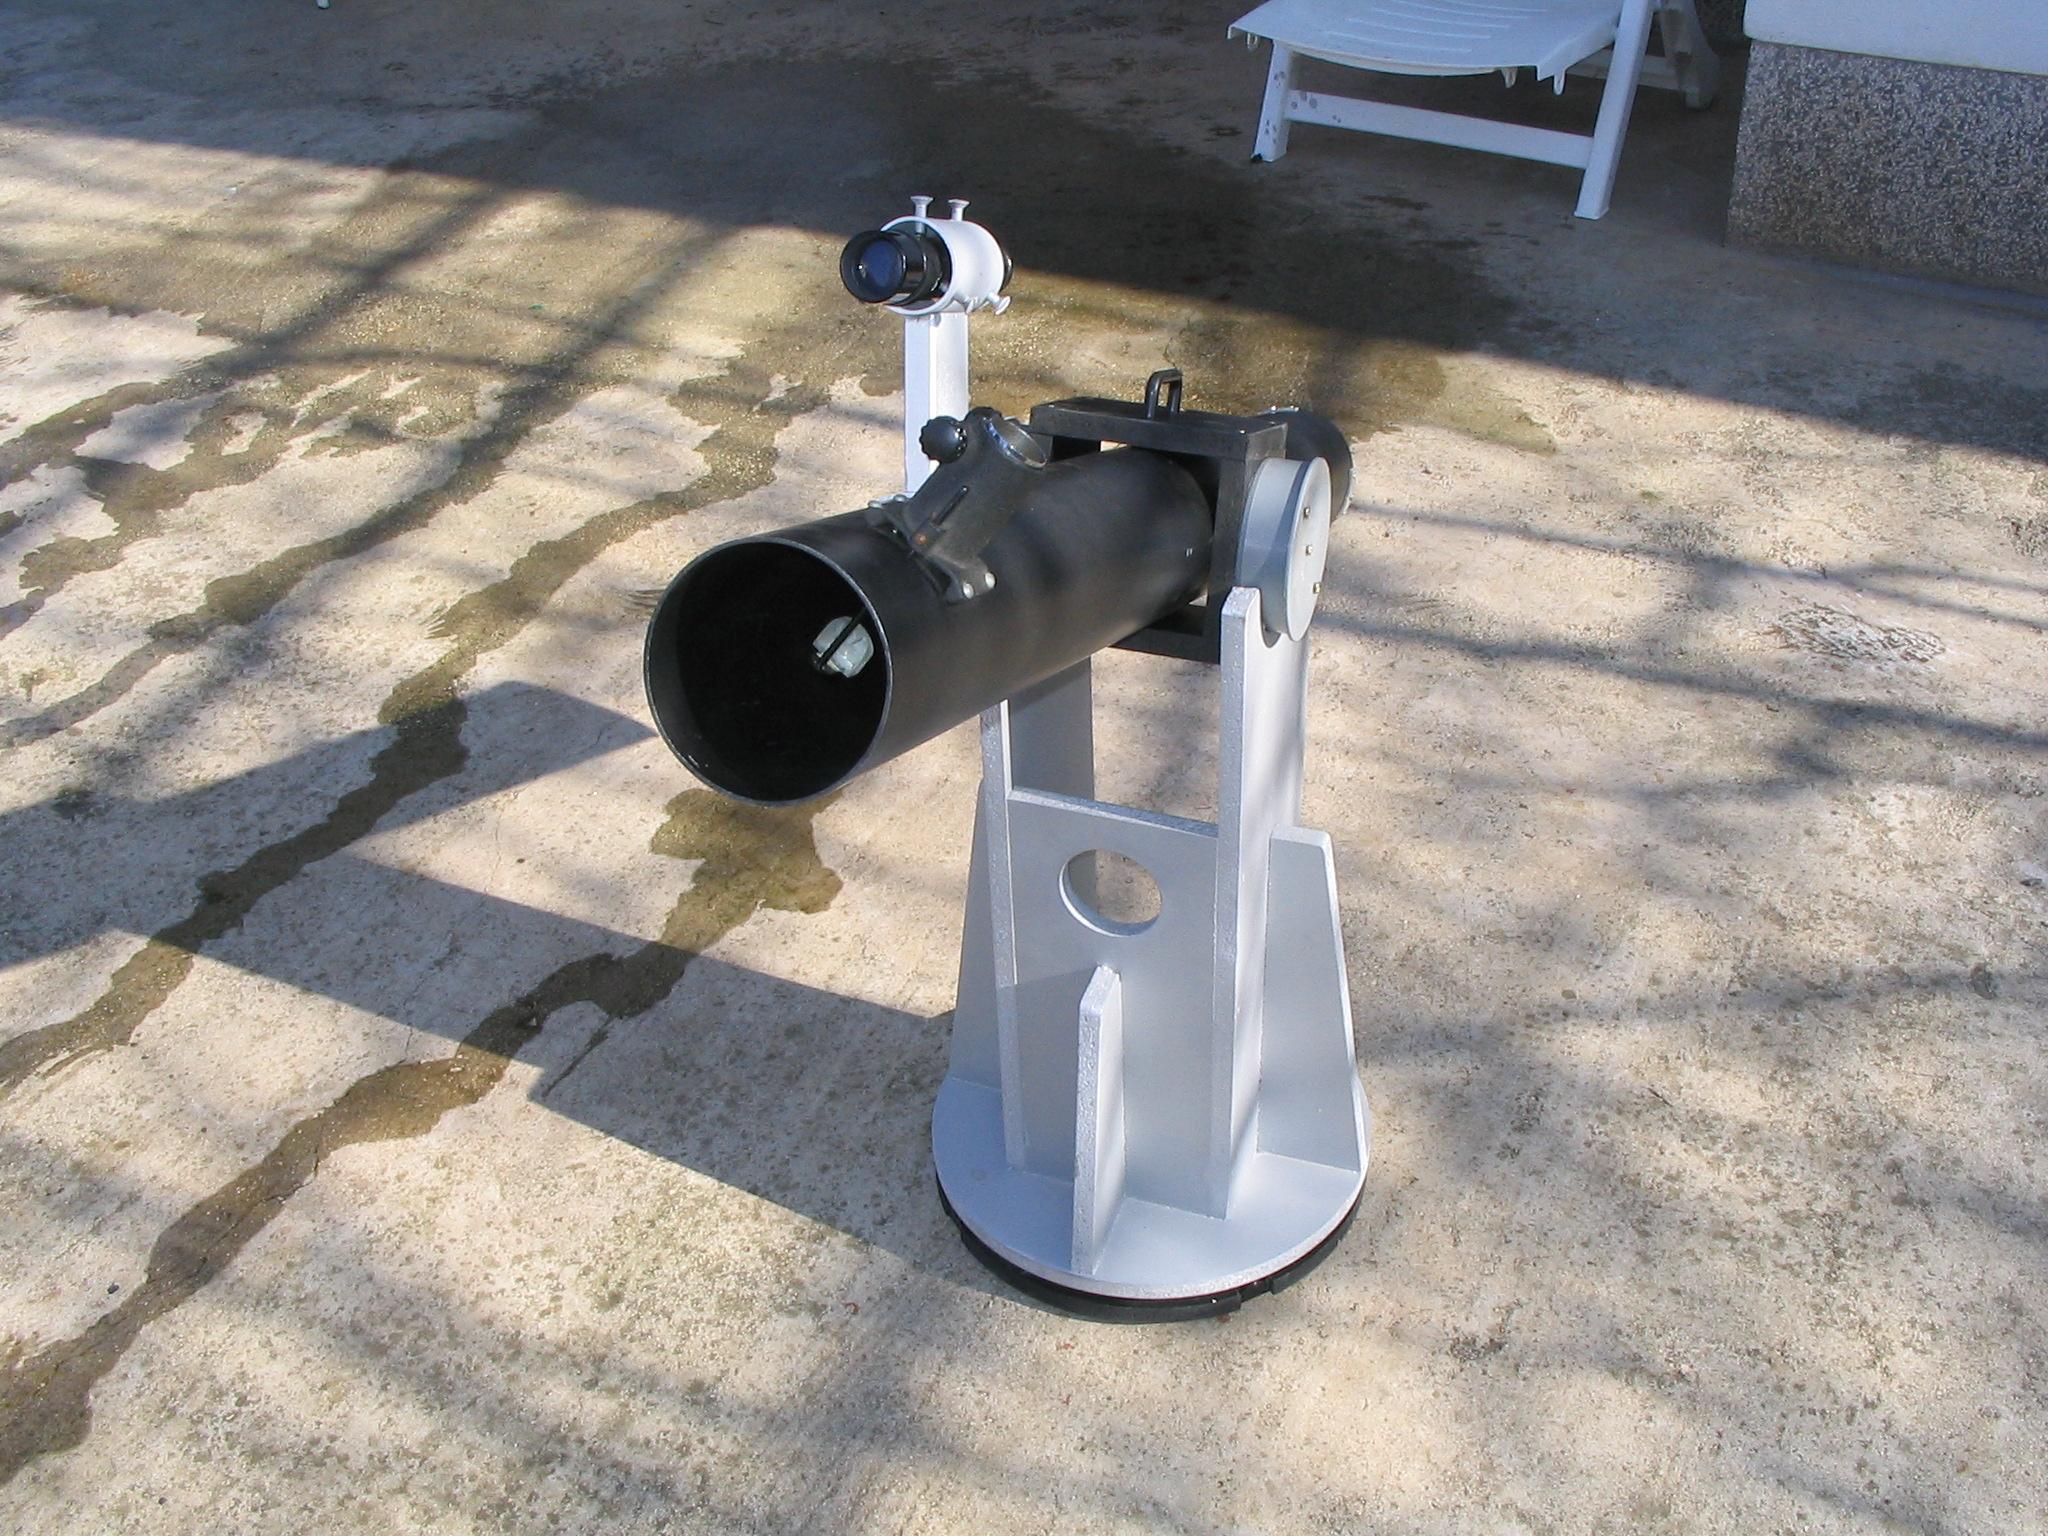 modelo-dobson-montura-altazimutal